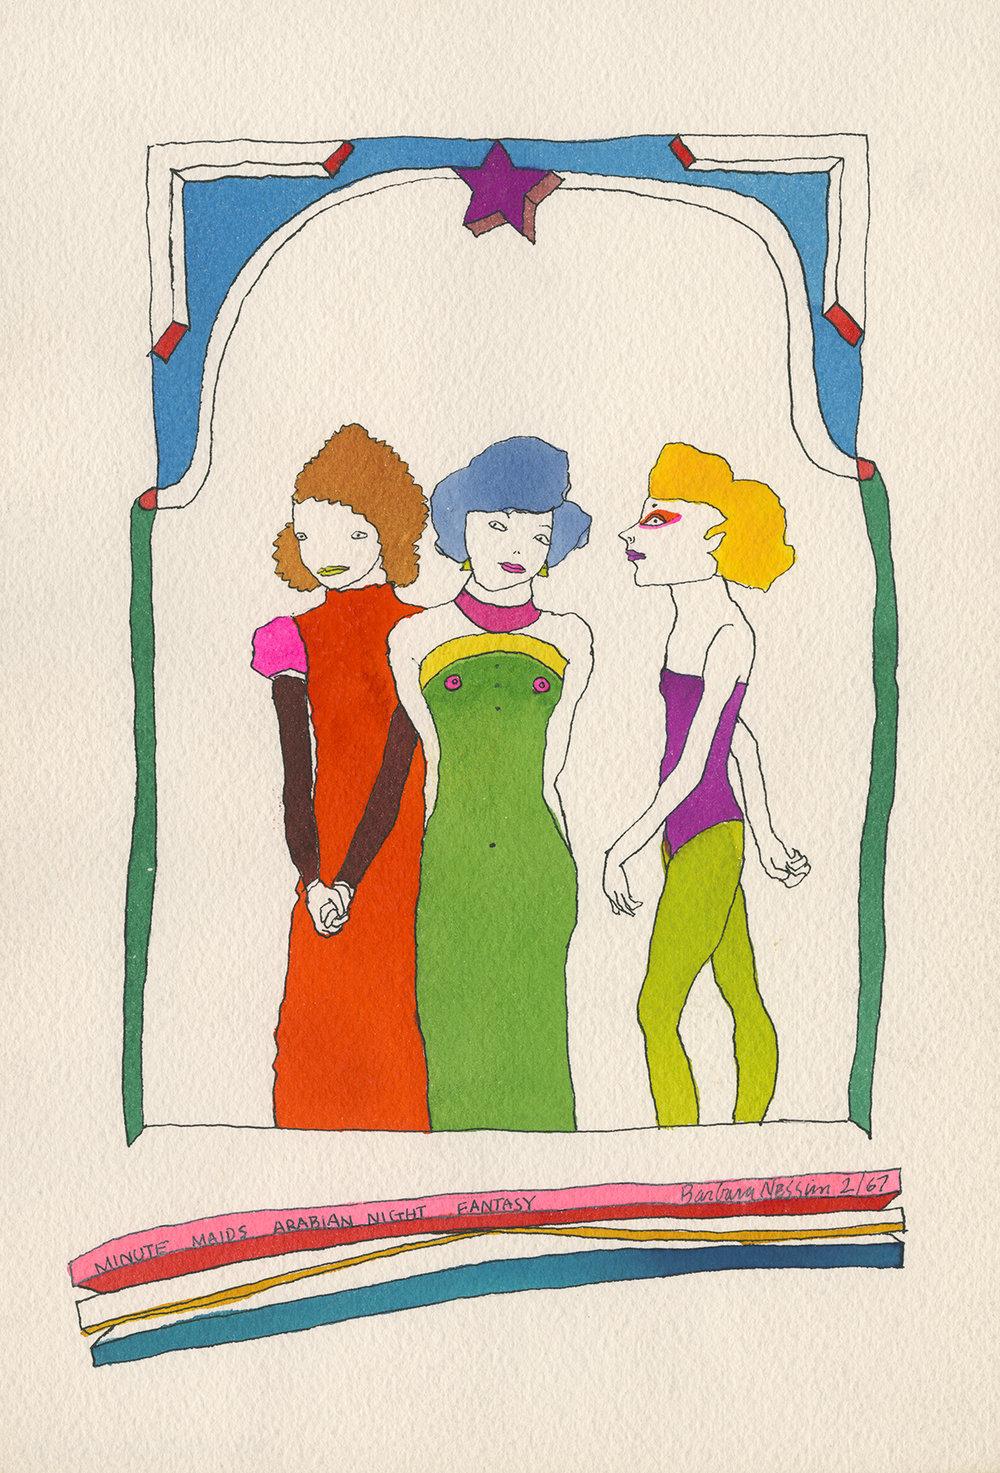 <I>Minute Maids Arabian Night Fantasy</I>, 1967